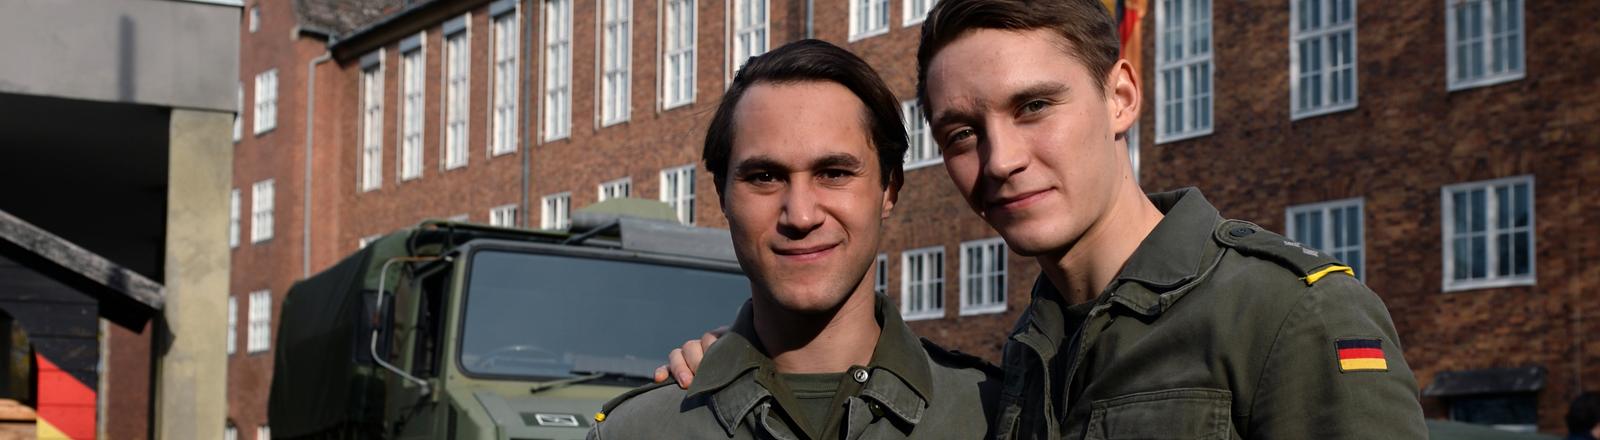 """Die Schauspieler Jonas Nay (l) und Ludwig Trepte lachen am Set der achtteiligen RTL-Serie """"Deutschland 83"""" in Potsdam."""